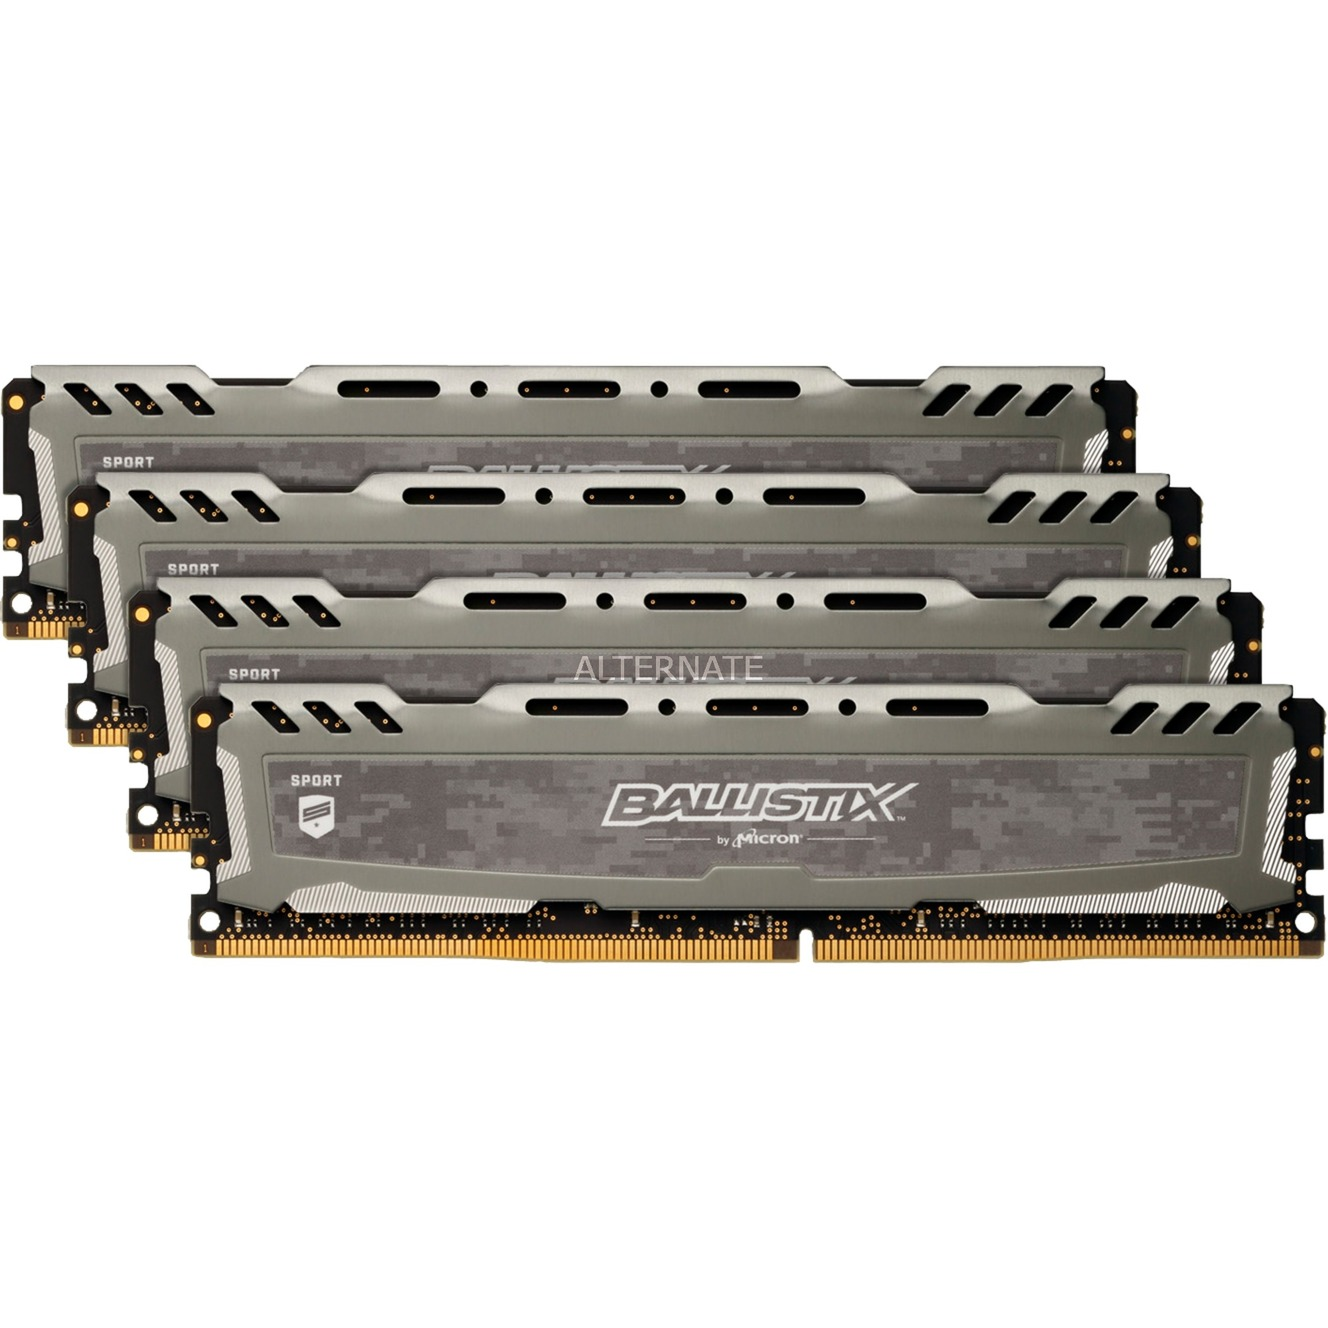 Ballistix Sport LT 32GB DDR4-2666 32Go DDR4 2666MHz module de mémoire